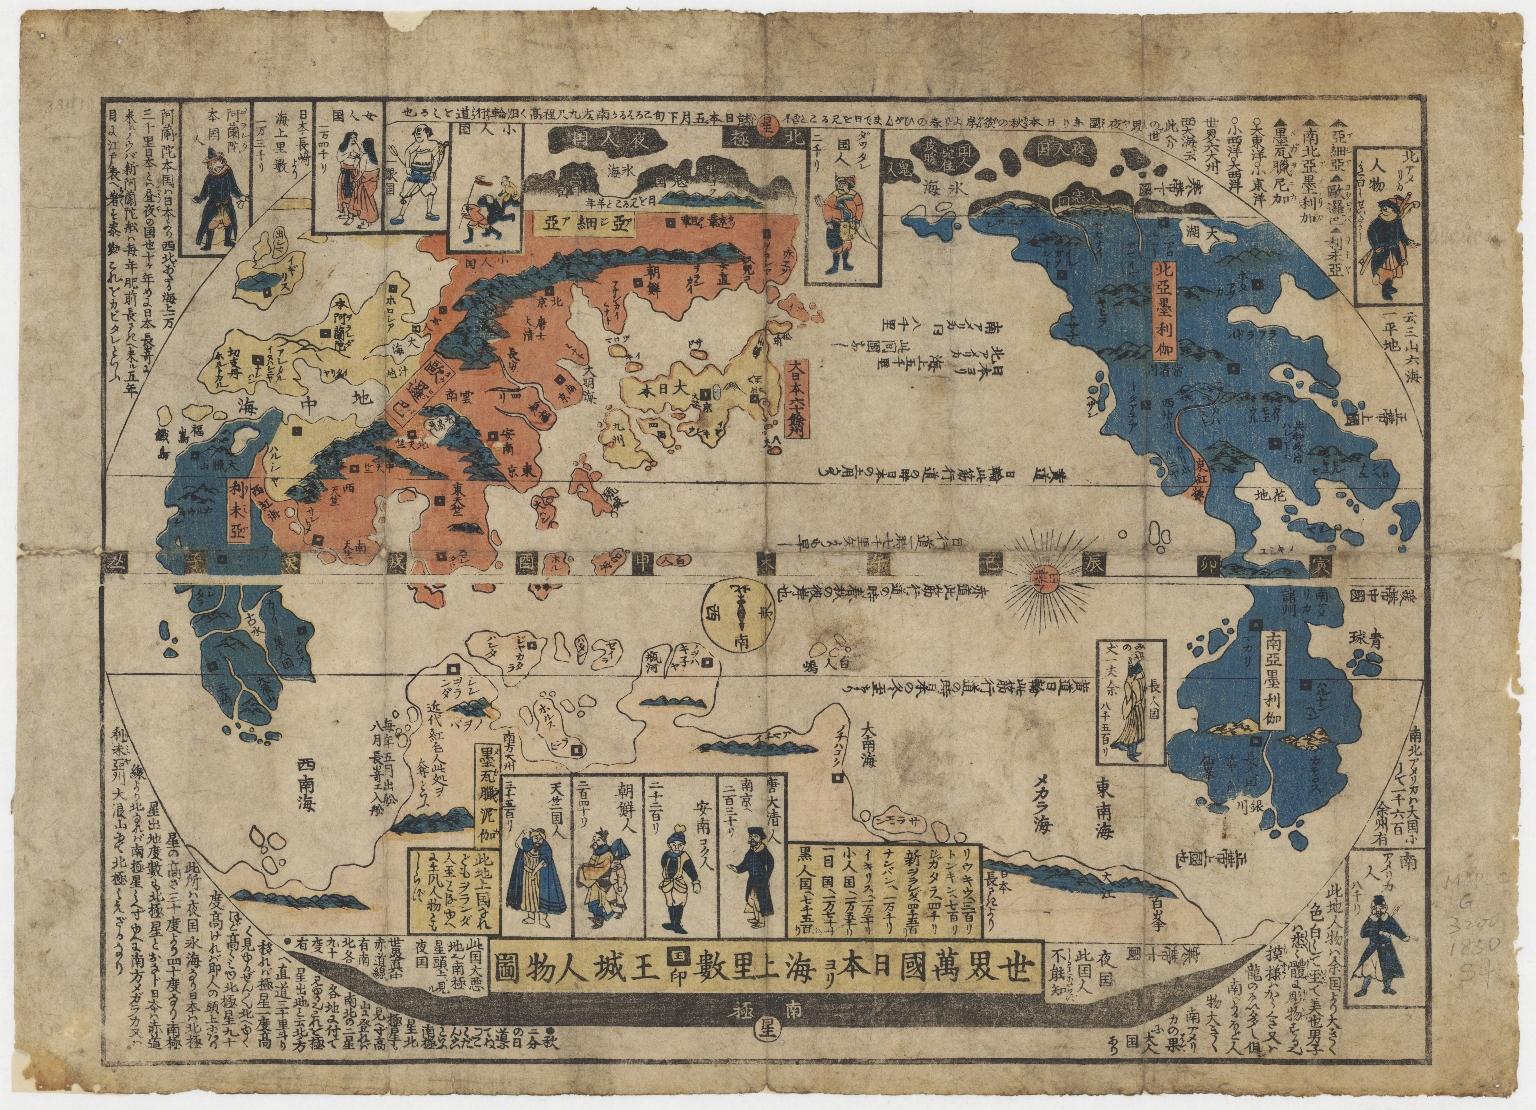 世界萬國日本ヨリ海上里数国印王城人物圖 = Sekai bankoku Nihon yori kaijō risu kokuin ōjō jinbutsuzu